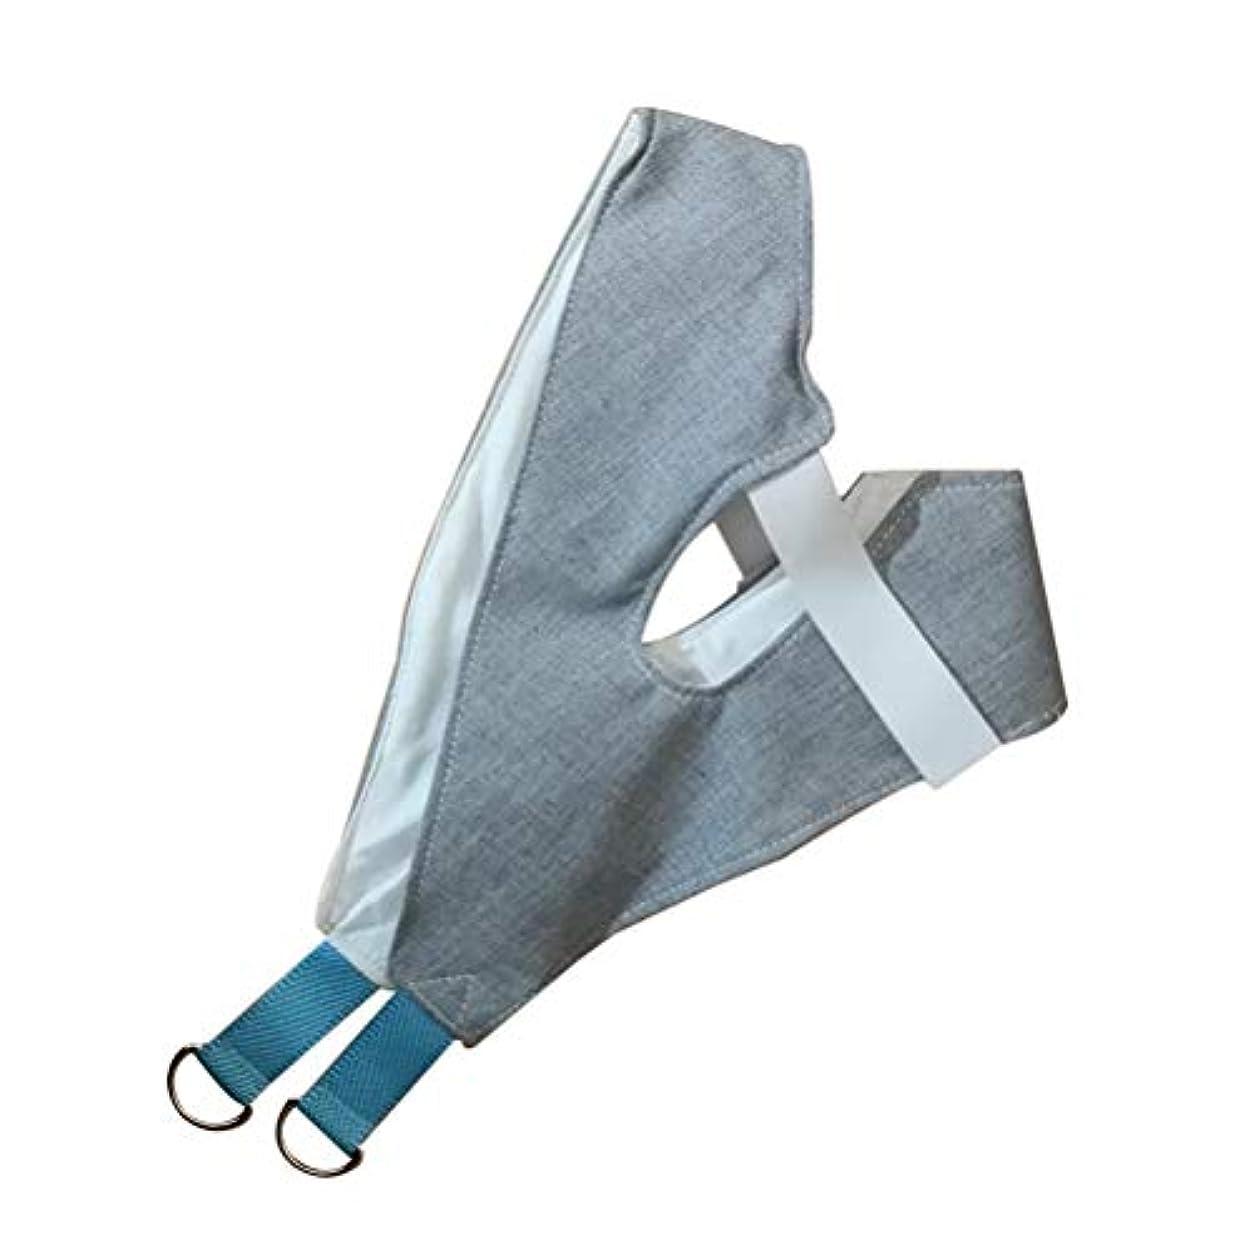 賠償出演者弾性HEALLILY ホームネック牽引装置(ドアの向こう側)頸部牽引装置ユニット肩括弧頭痛緩和および回復用具(ラムダムカラー)